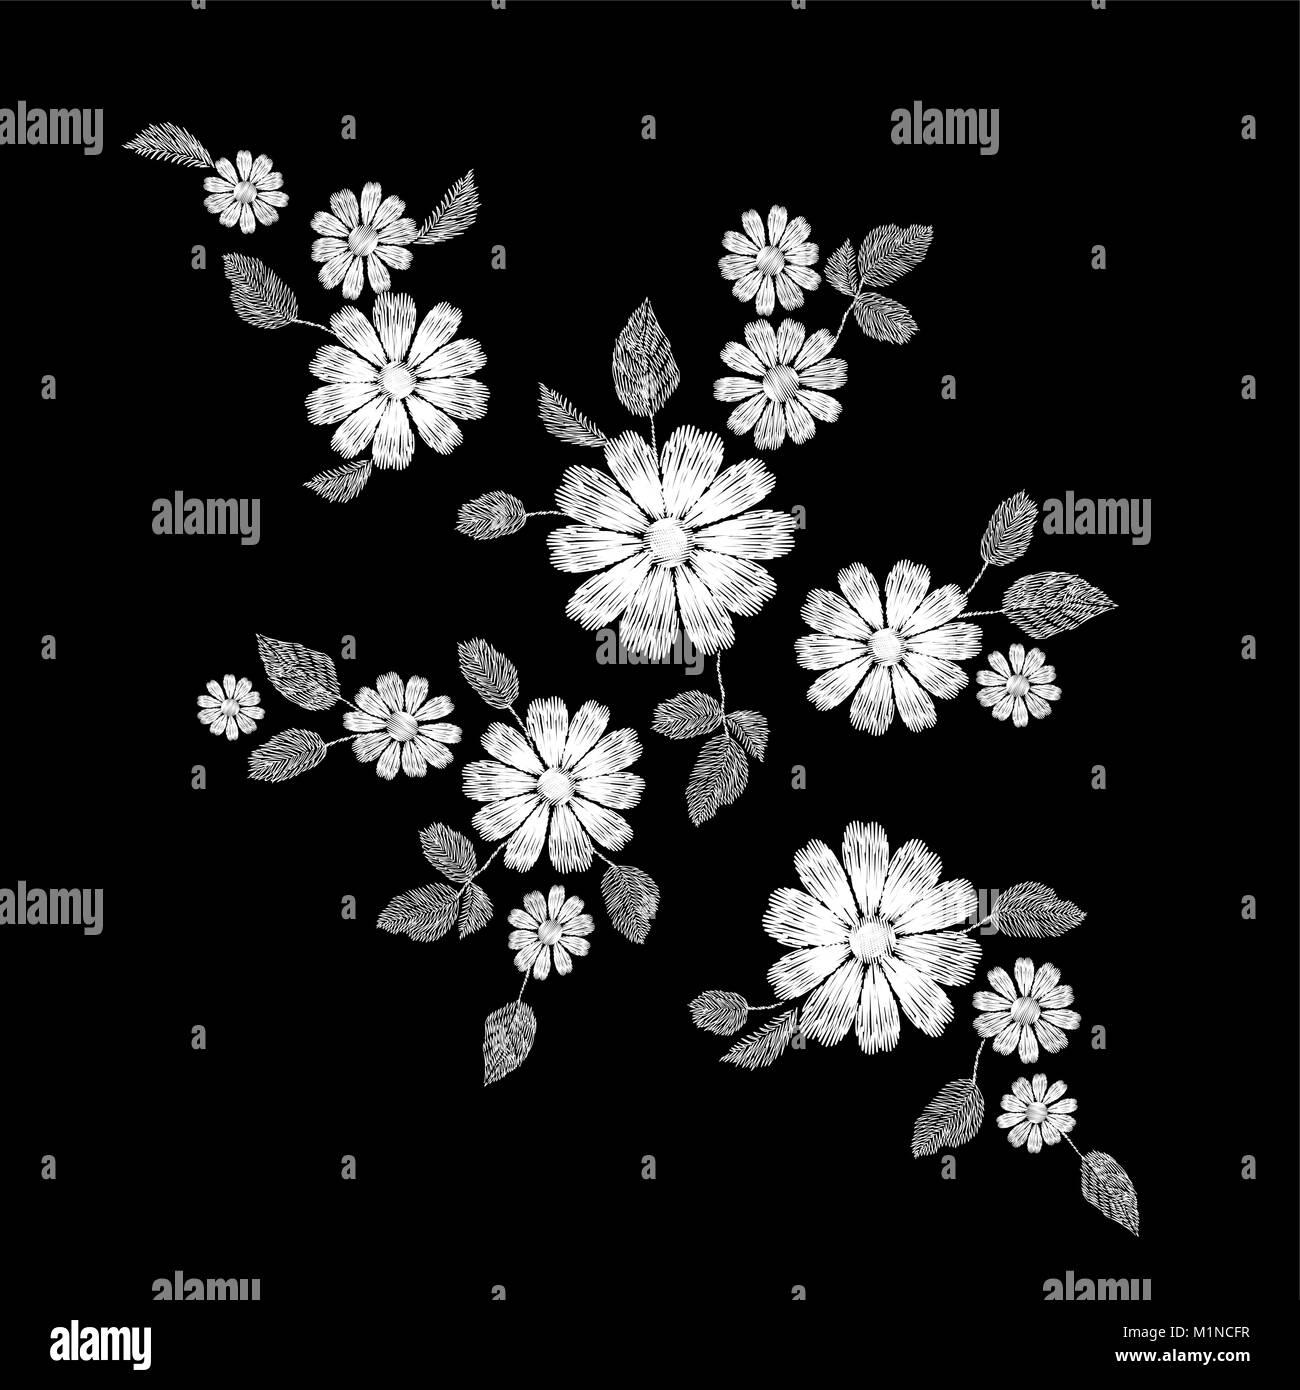 ee118dd0f Encaje blanco bordado floral parche. Decoración de moda cosidos plantilla  de textura. Campo margarita tradicional étnica hojas de plantas textiles ...